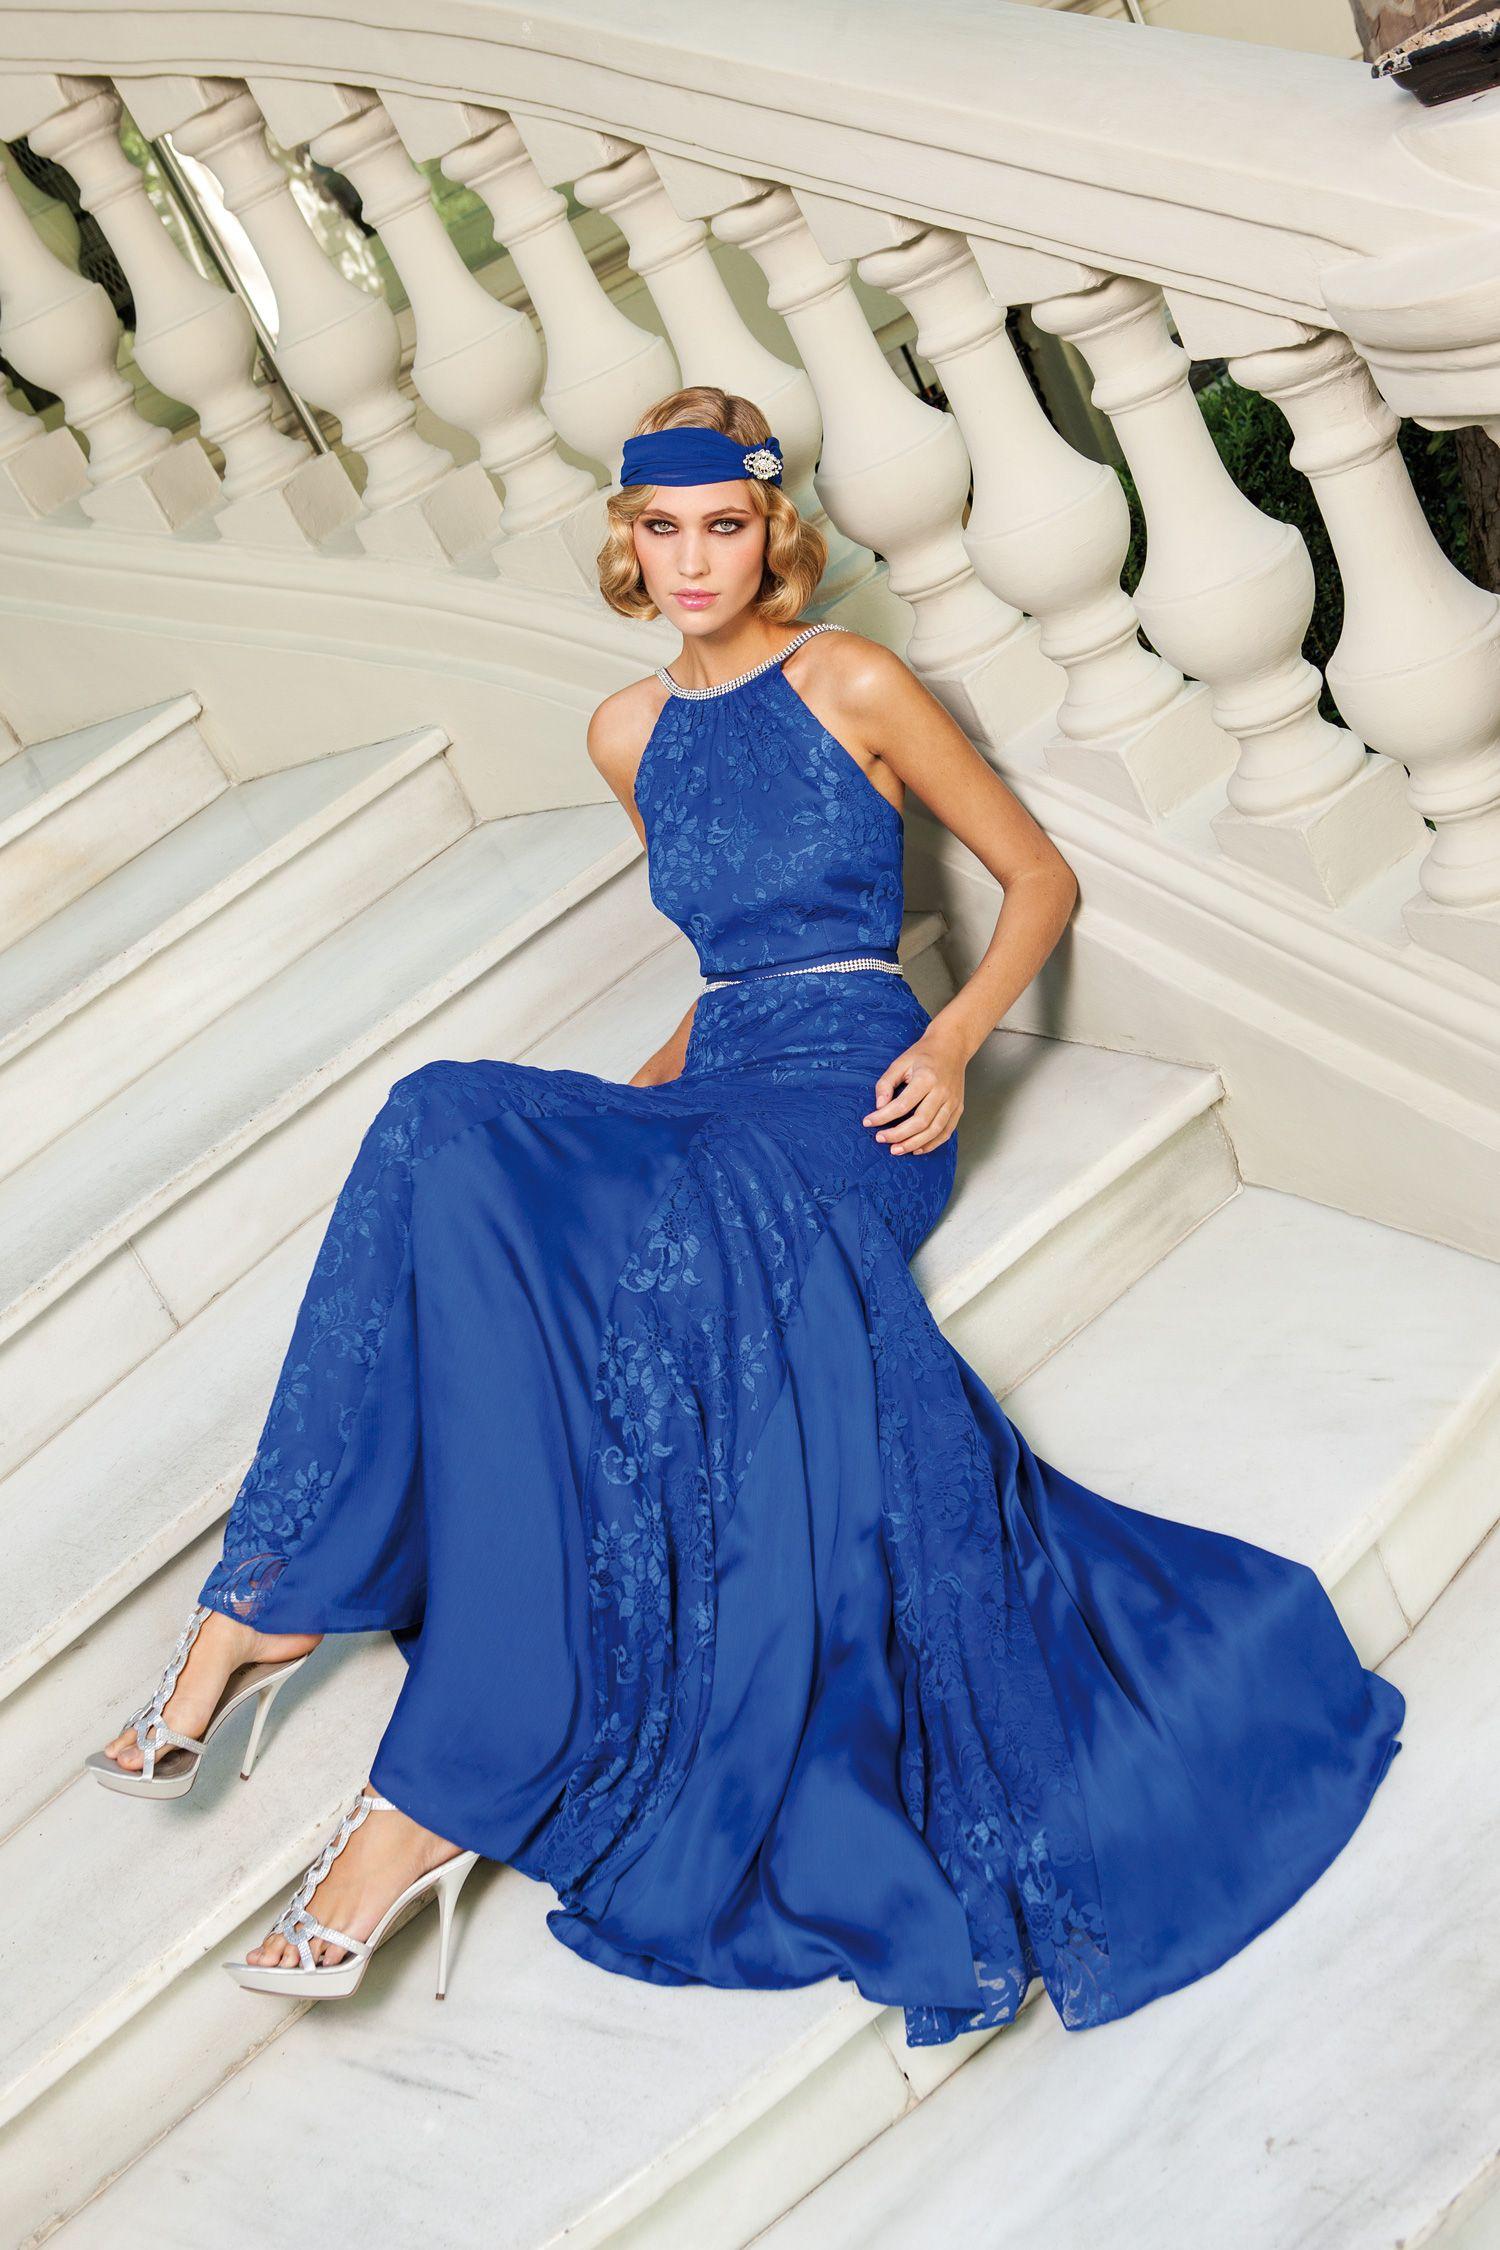 Sonia Pena in Blau